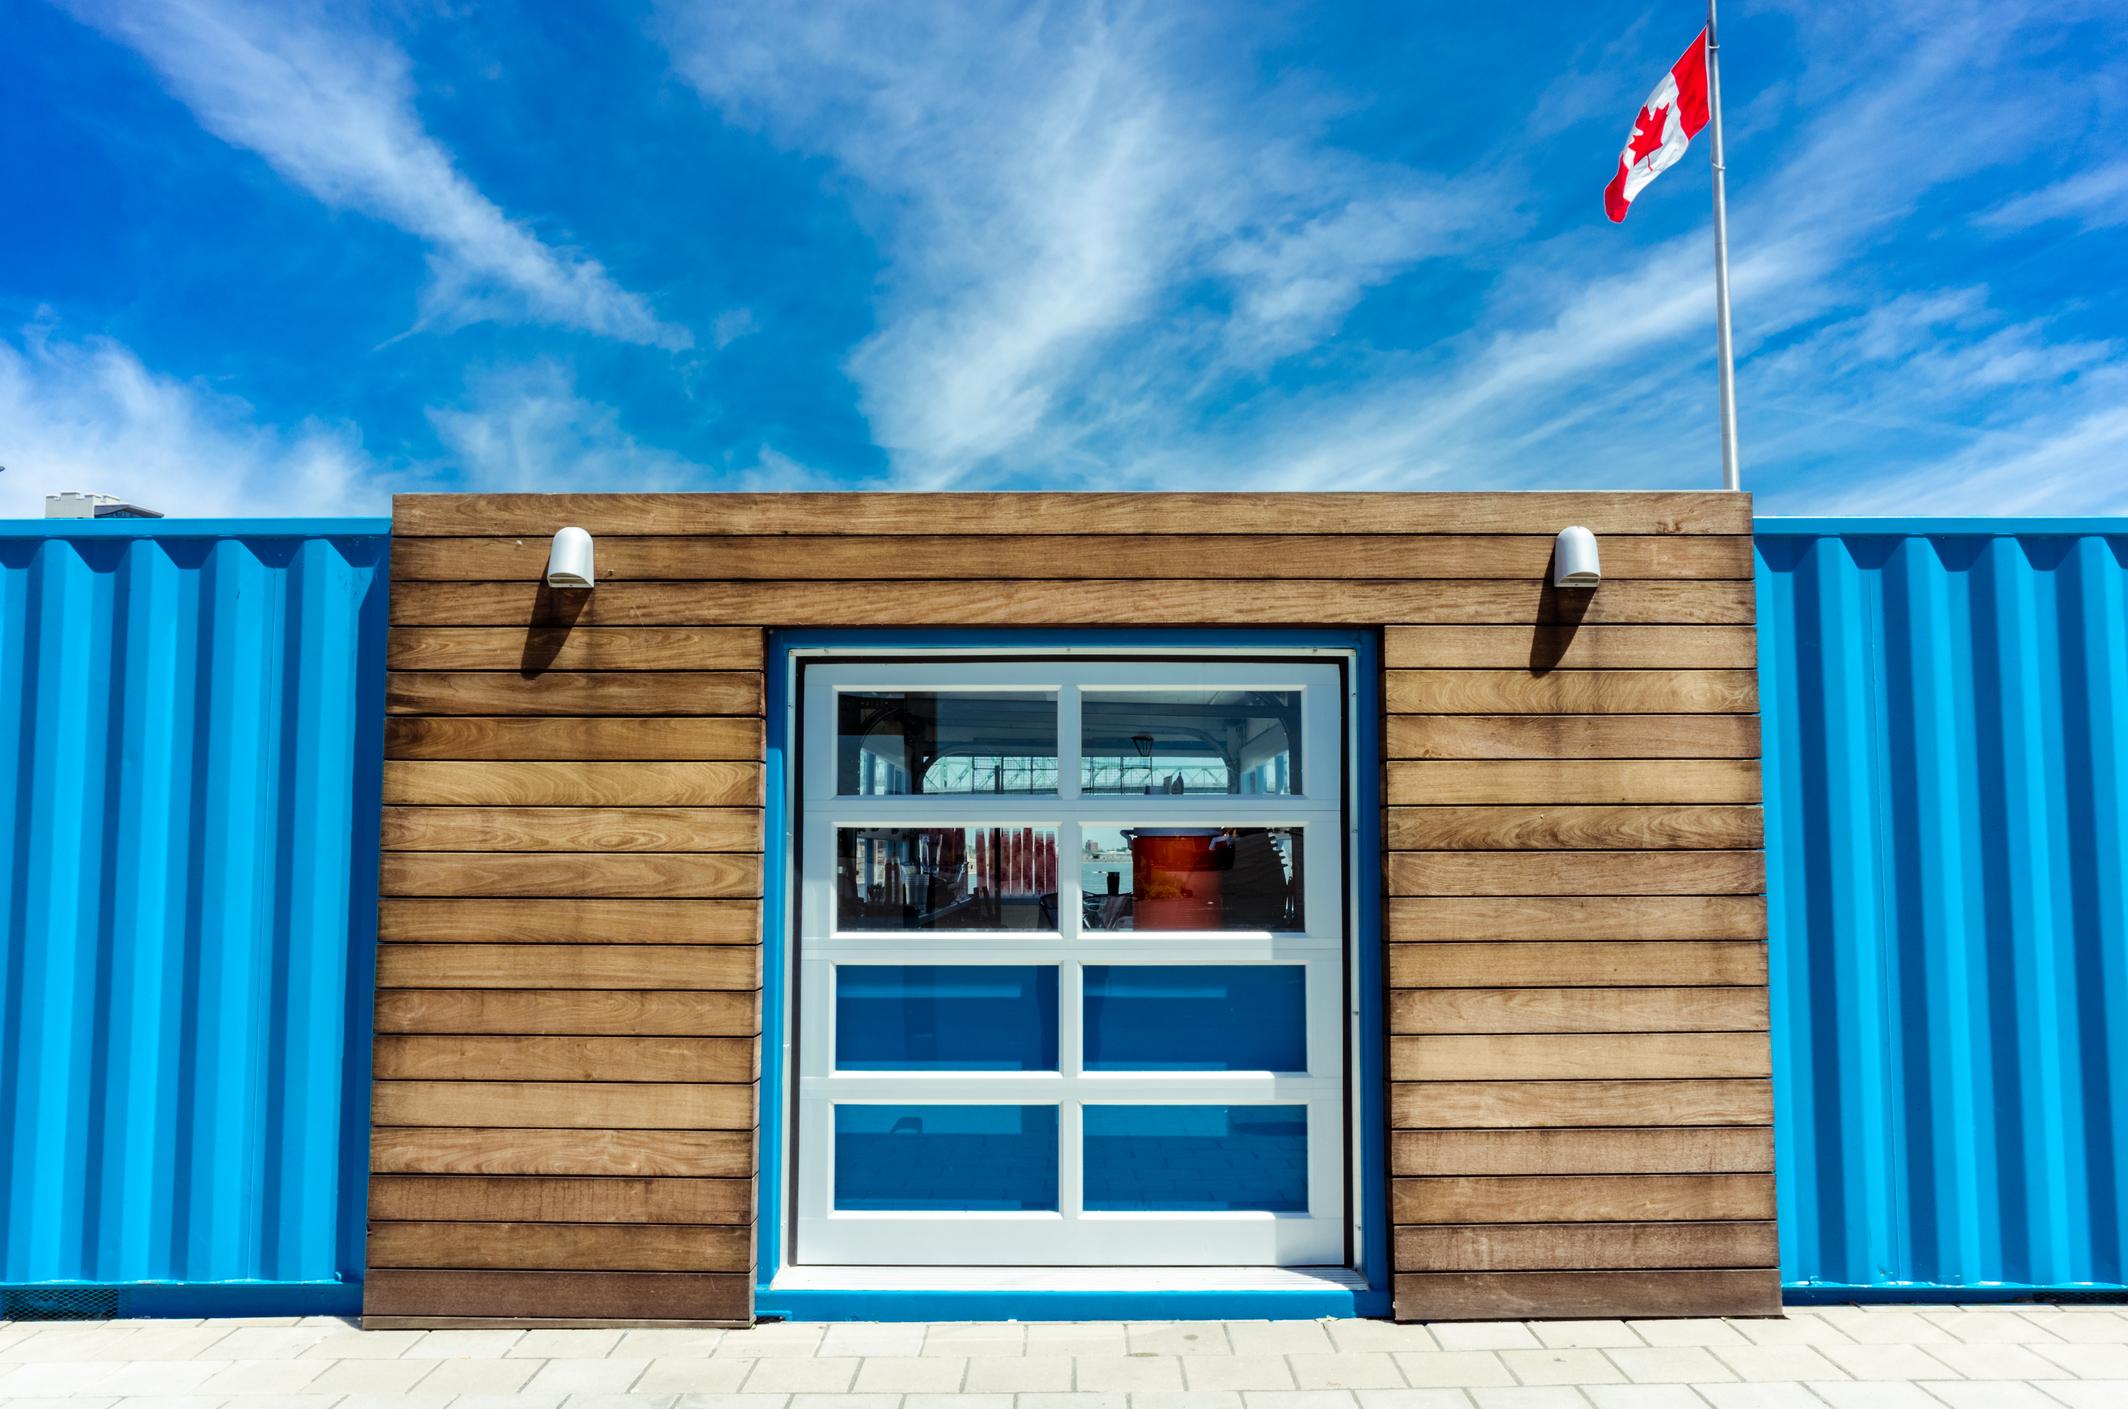 A temporary building under a blue sky.